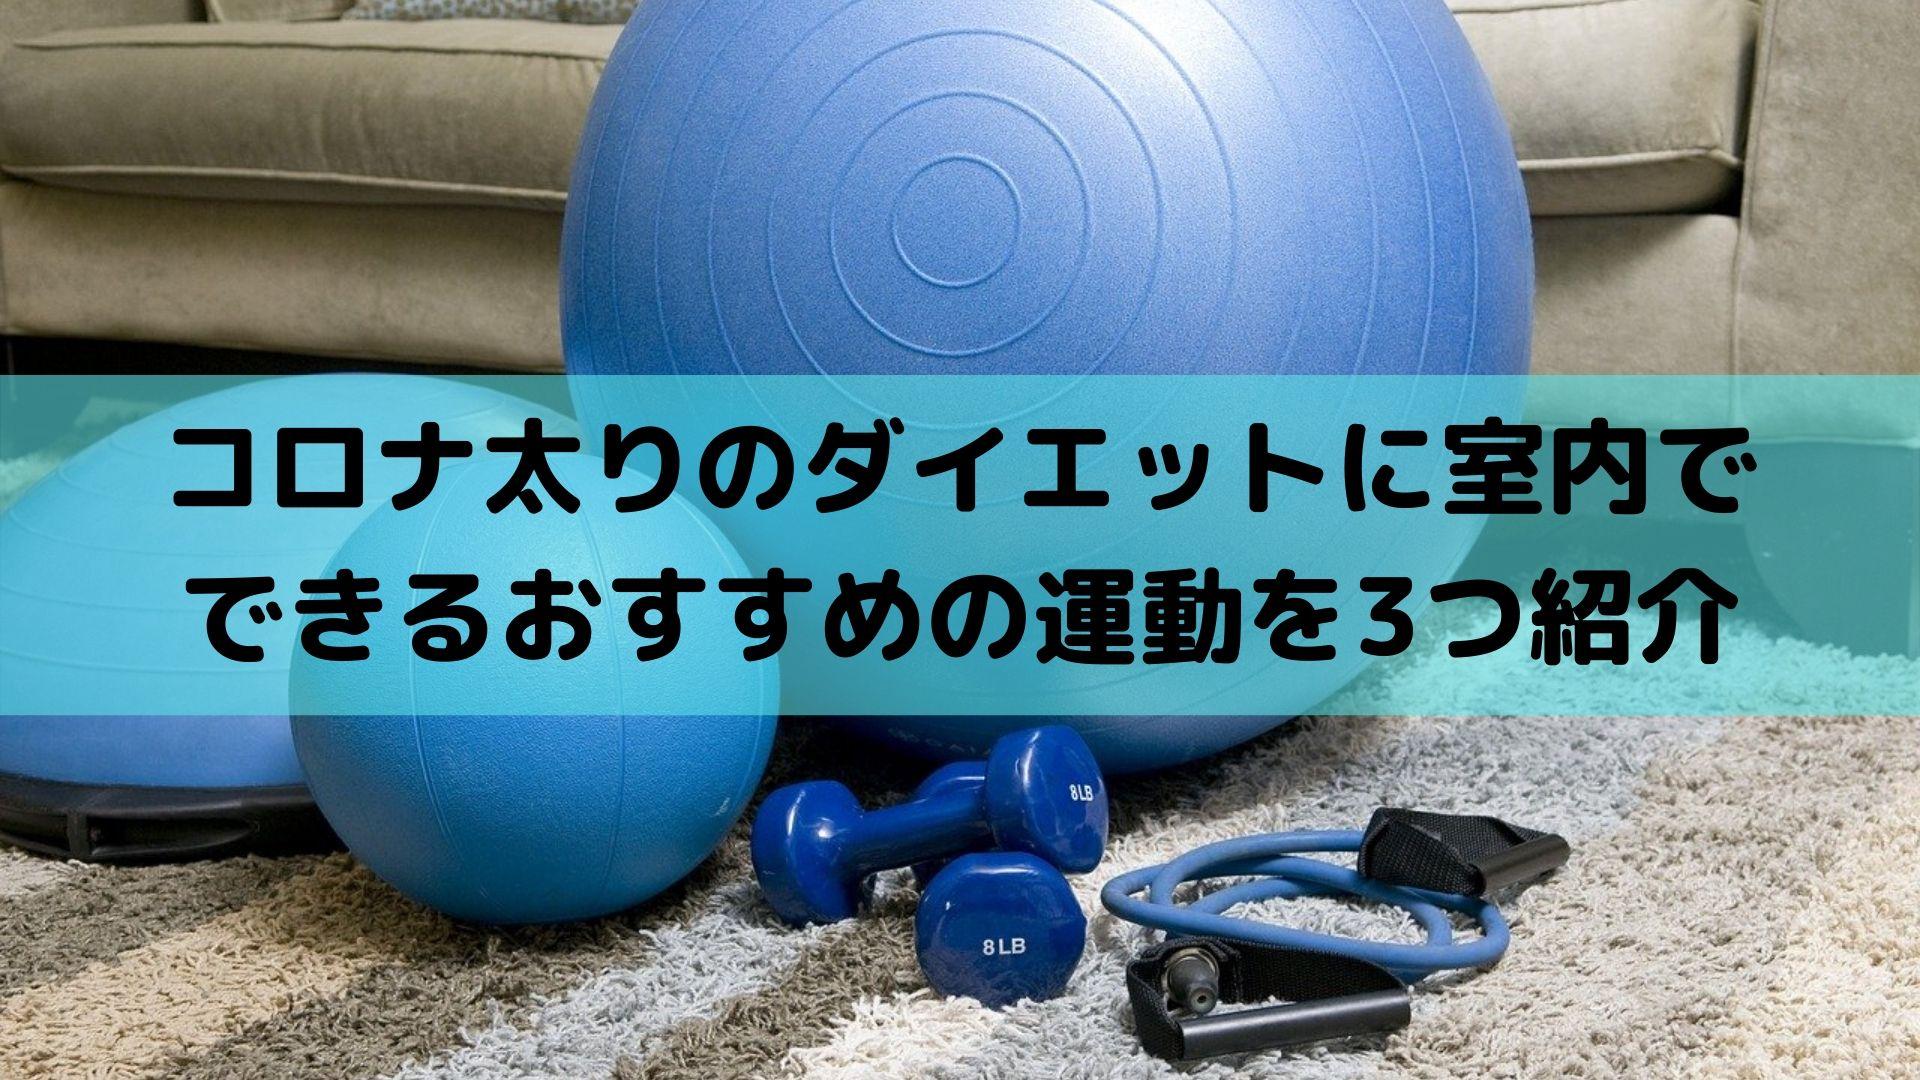 コロナ太りのダイエットに室内でできるおすすめの運動を3つ紹介